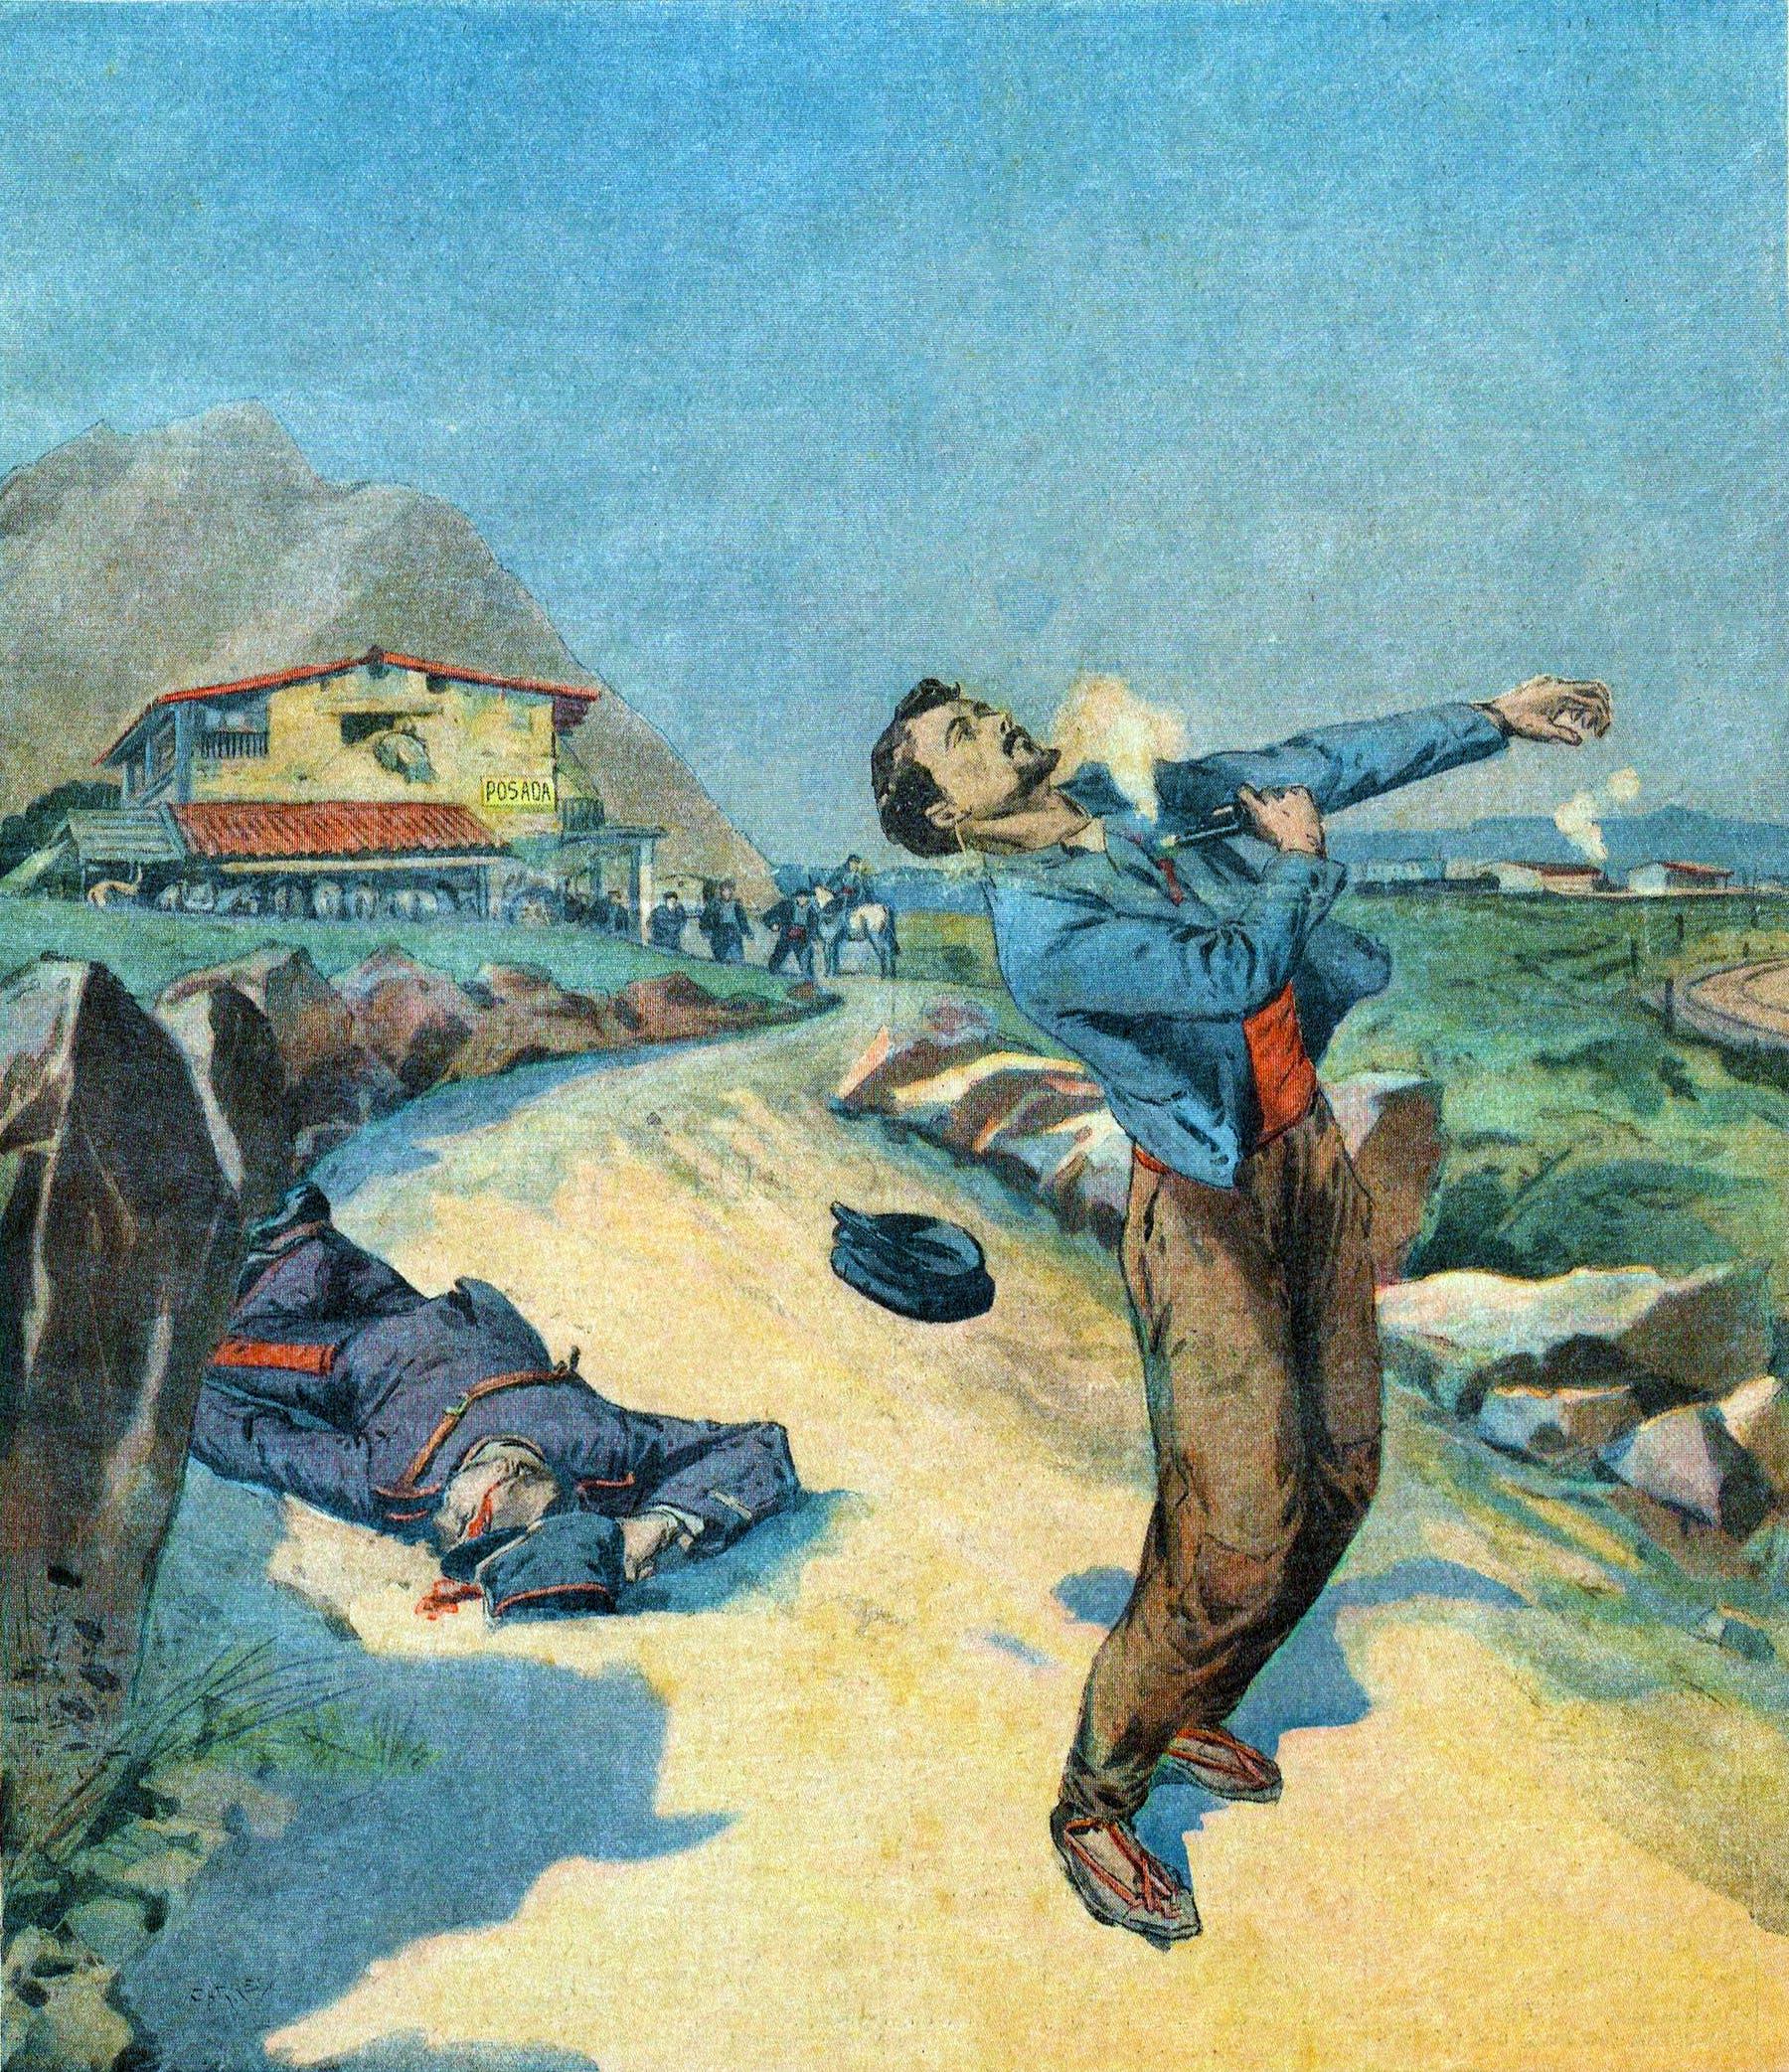 لوحة تجسد حادثة انتحار موريل